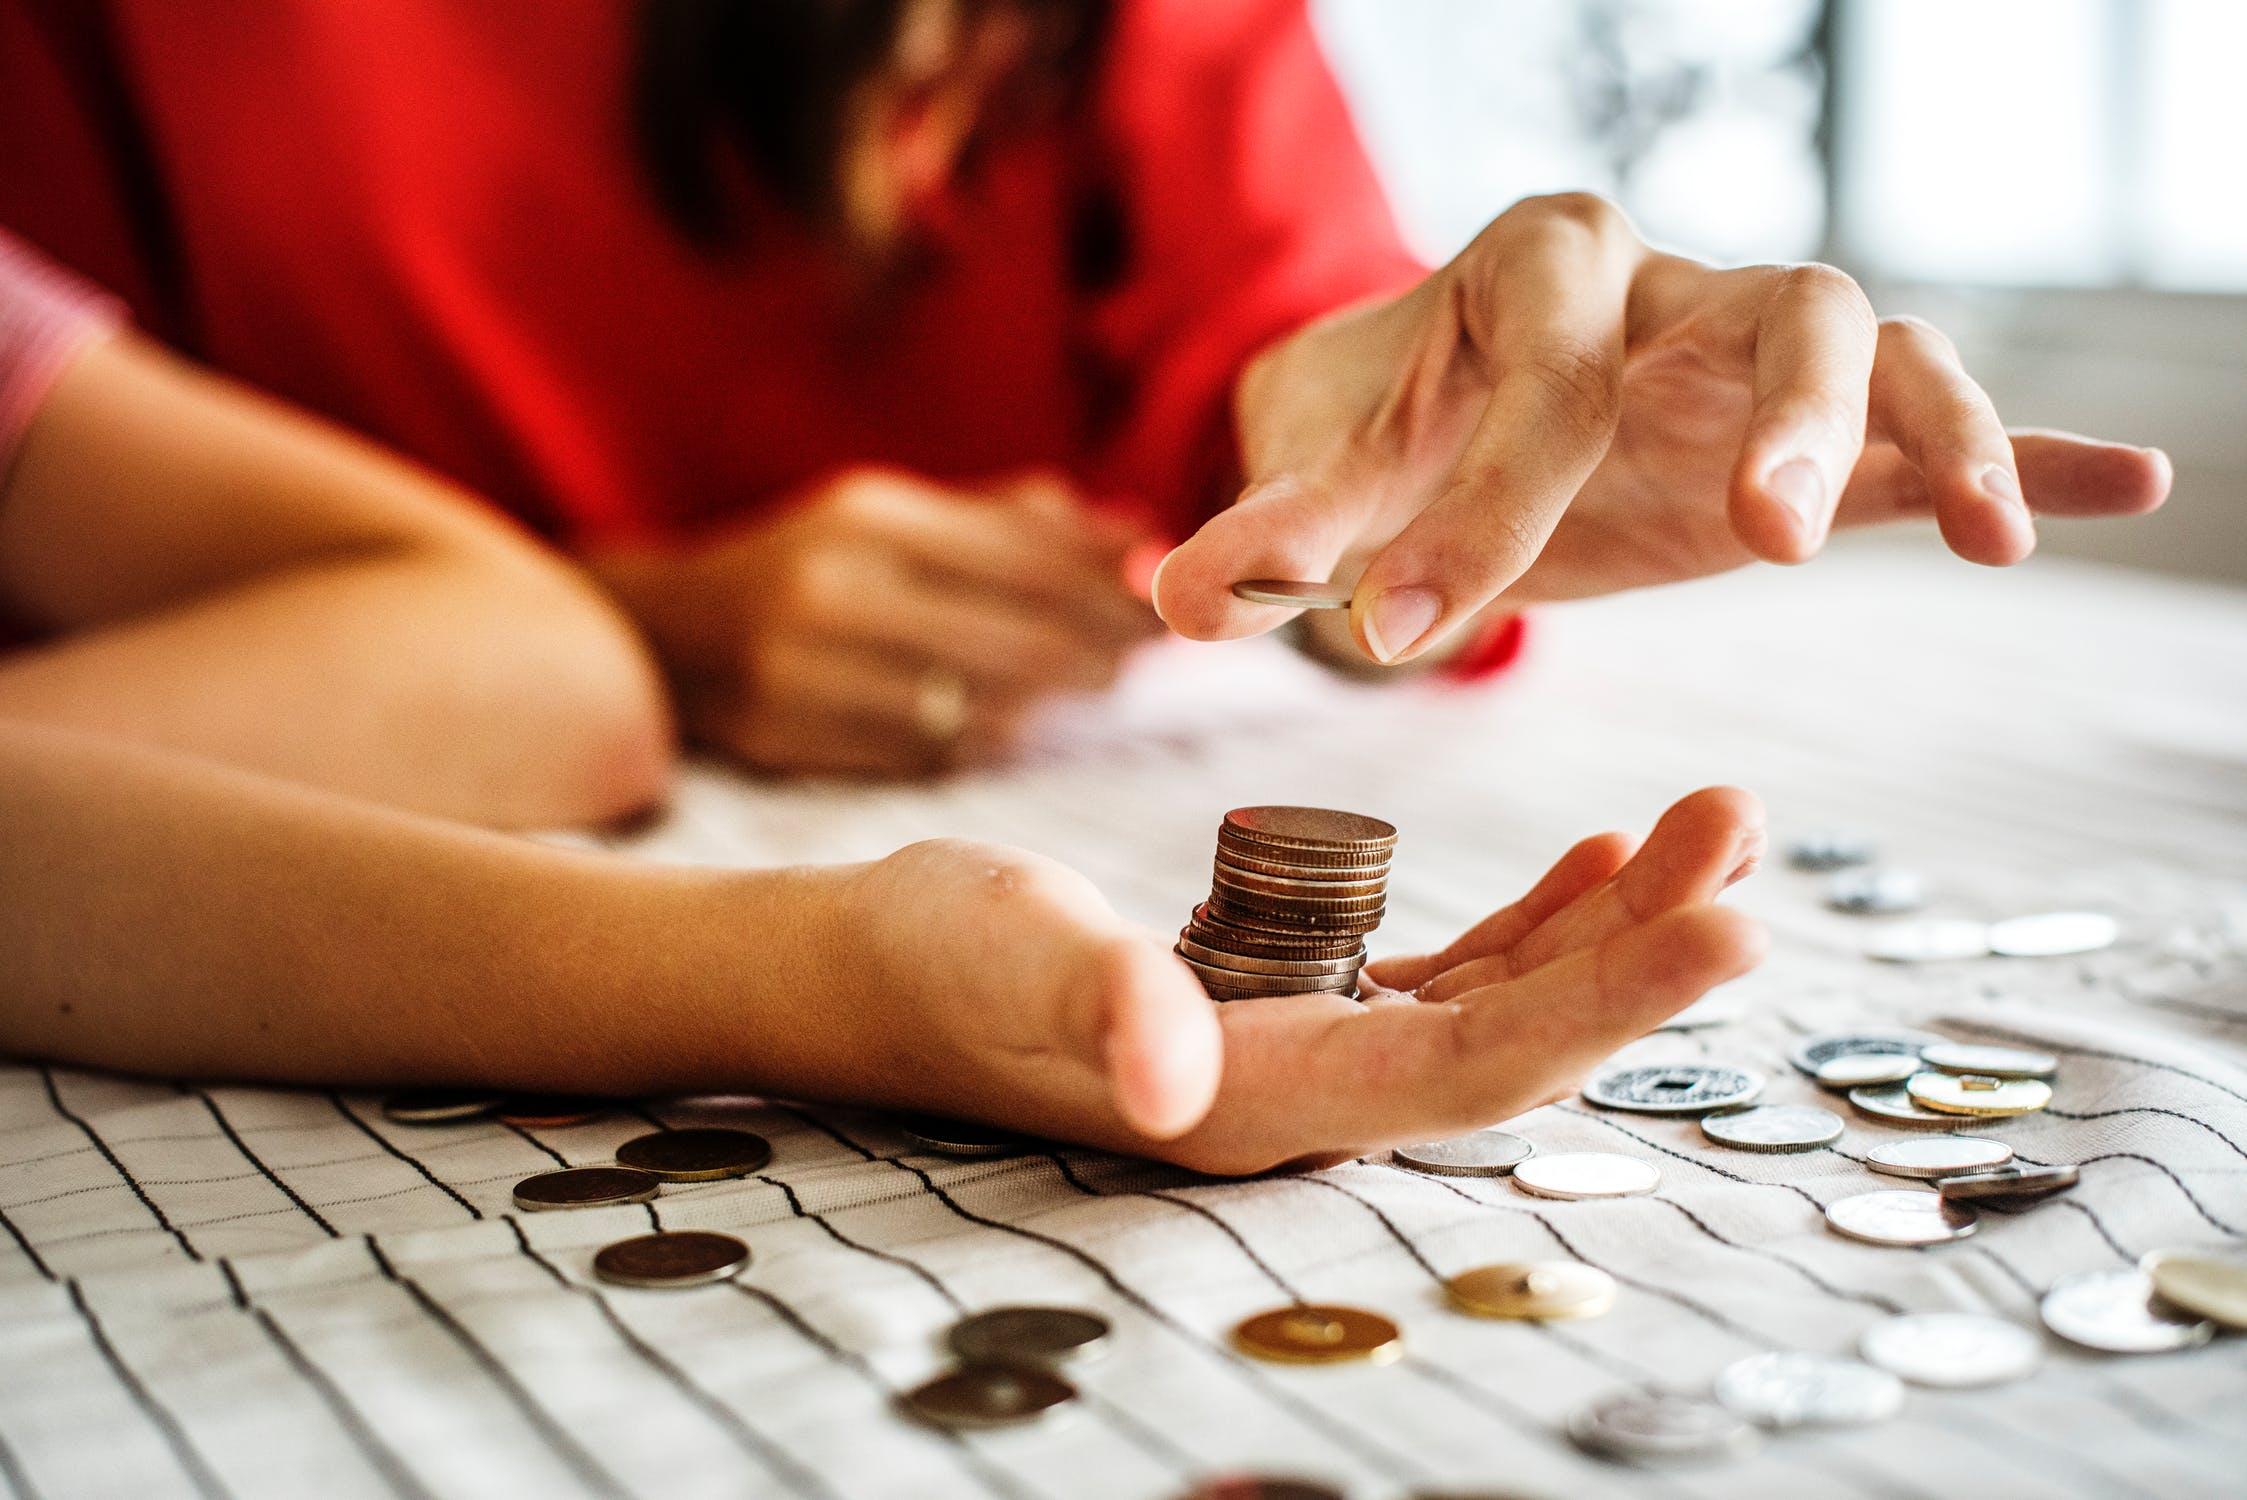 Kā tiešsaistē ieguldīt, nopelnīt un ietaupīt naudu